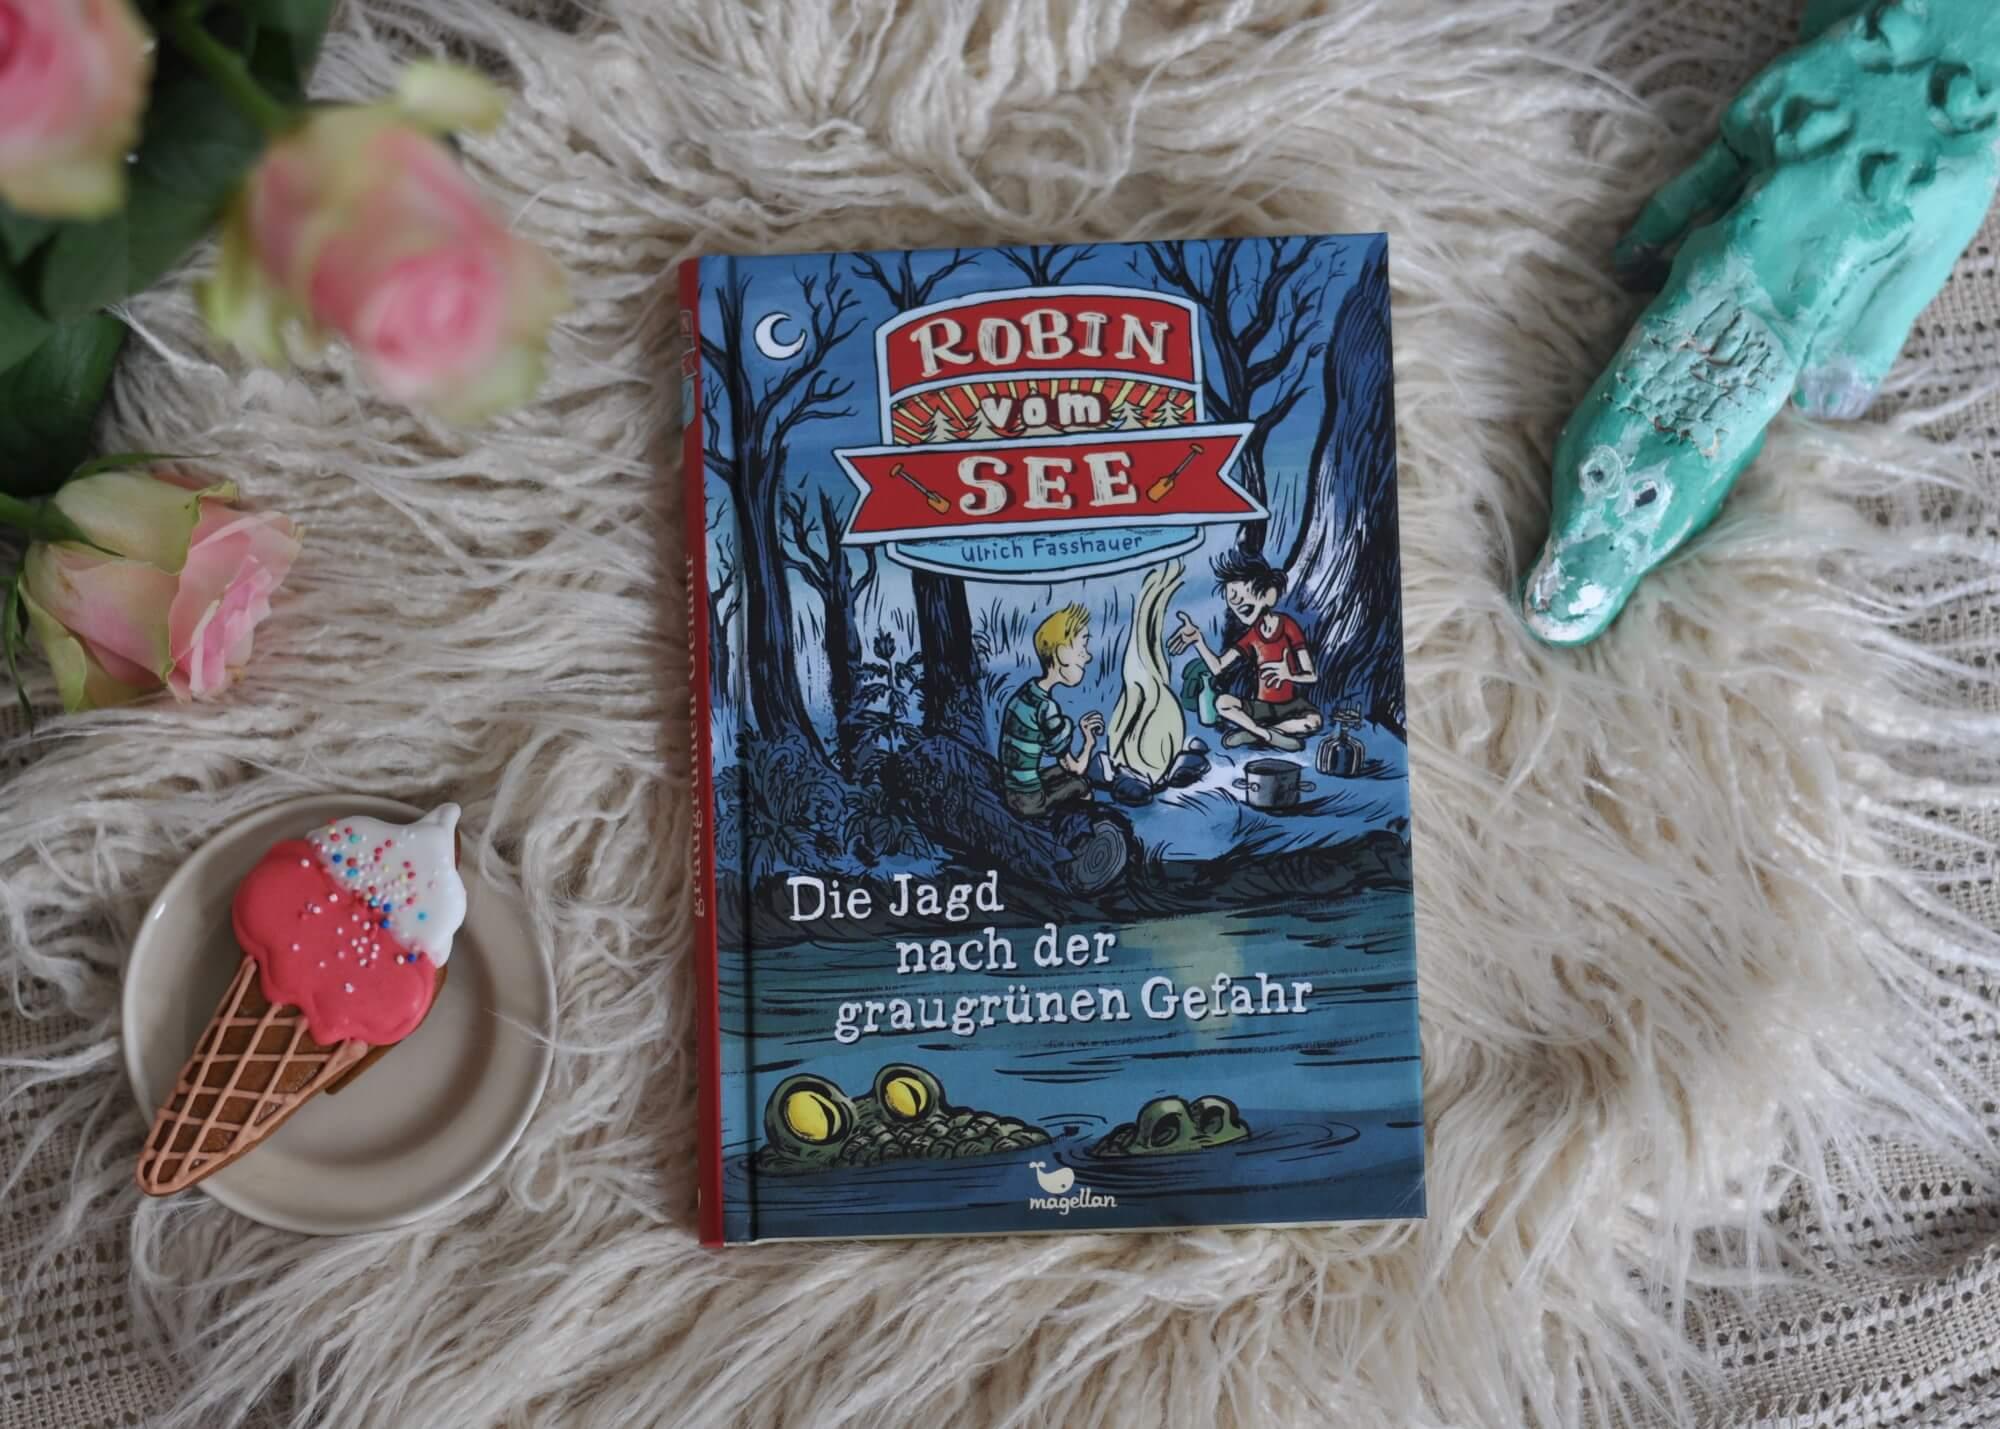 Es sind Sommerferien, der See ist badewannenwarm und die Bande zur Rettung der Gerechtigkeit genießt das Planschen. Aber dann sieht Robin plötzlich ein Krokodil unter Wasser, so dass von Jetzt auf Gleich ein Badeverbot verhängt wird. Ein spannendes und lustiges Sommerbuch - auch perfekt zum Vorlesen. #krokodil #see #abenteuer #sommer #familie #zelten #moor #kinderbuch #vorlesen